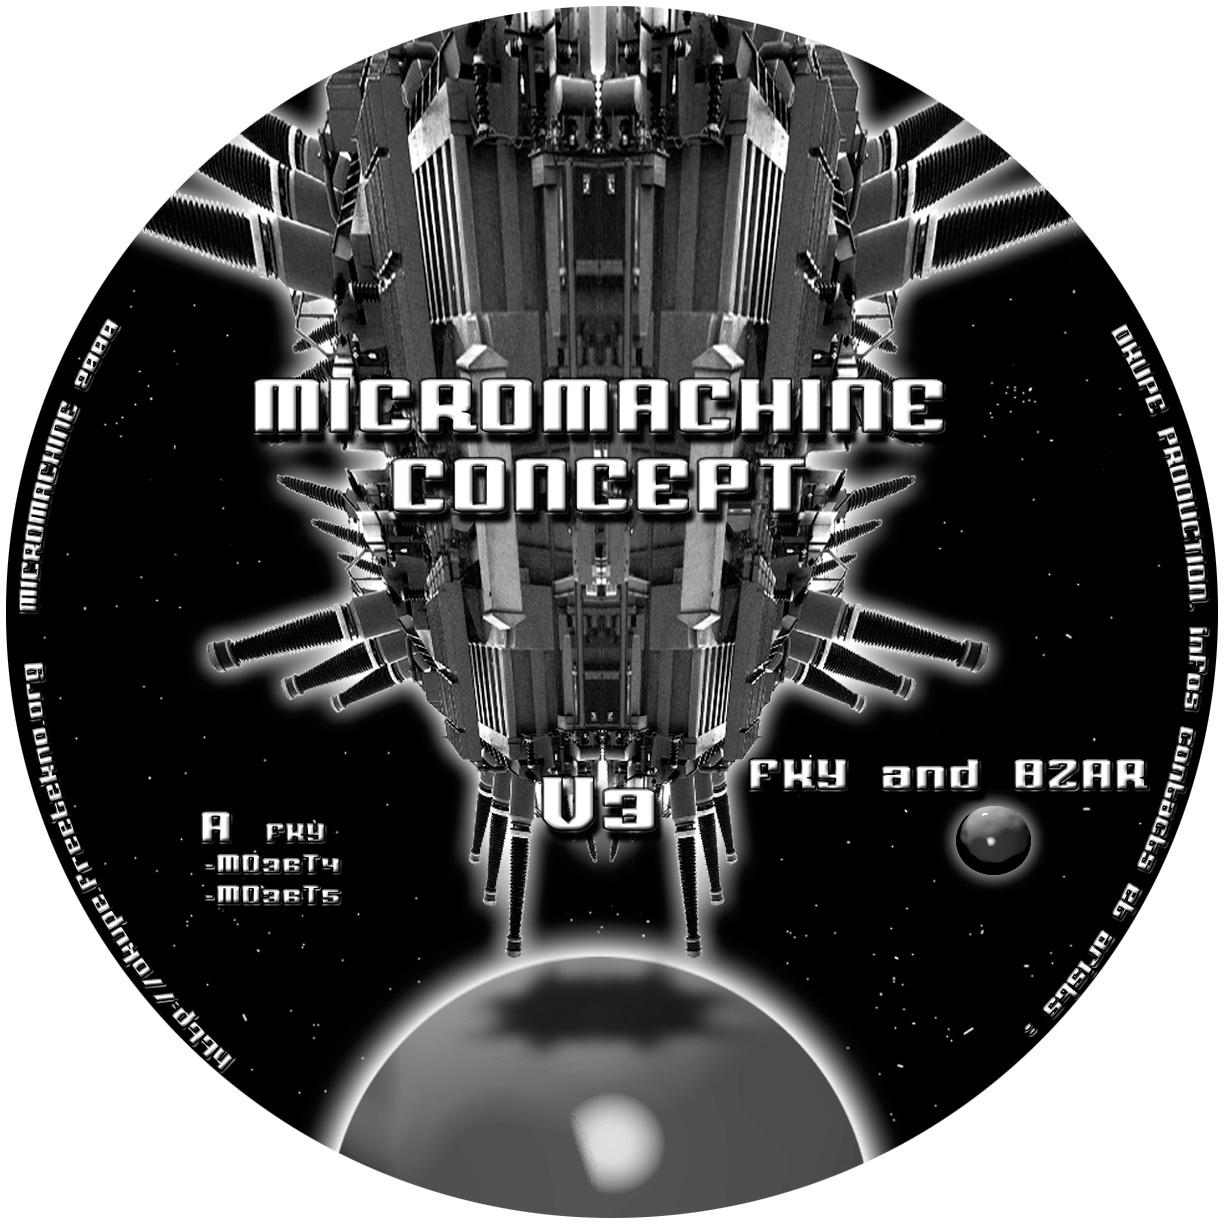 MicroMachineConcept